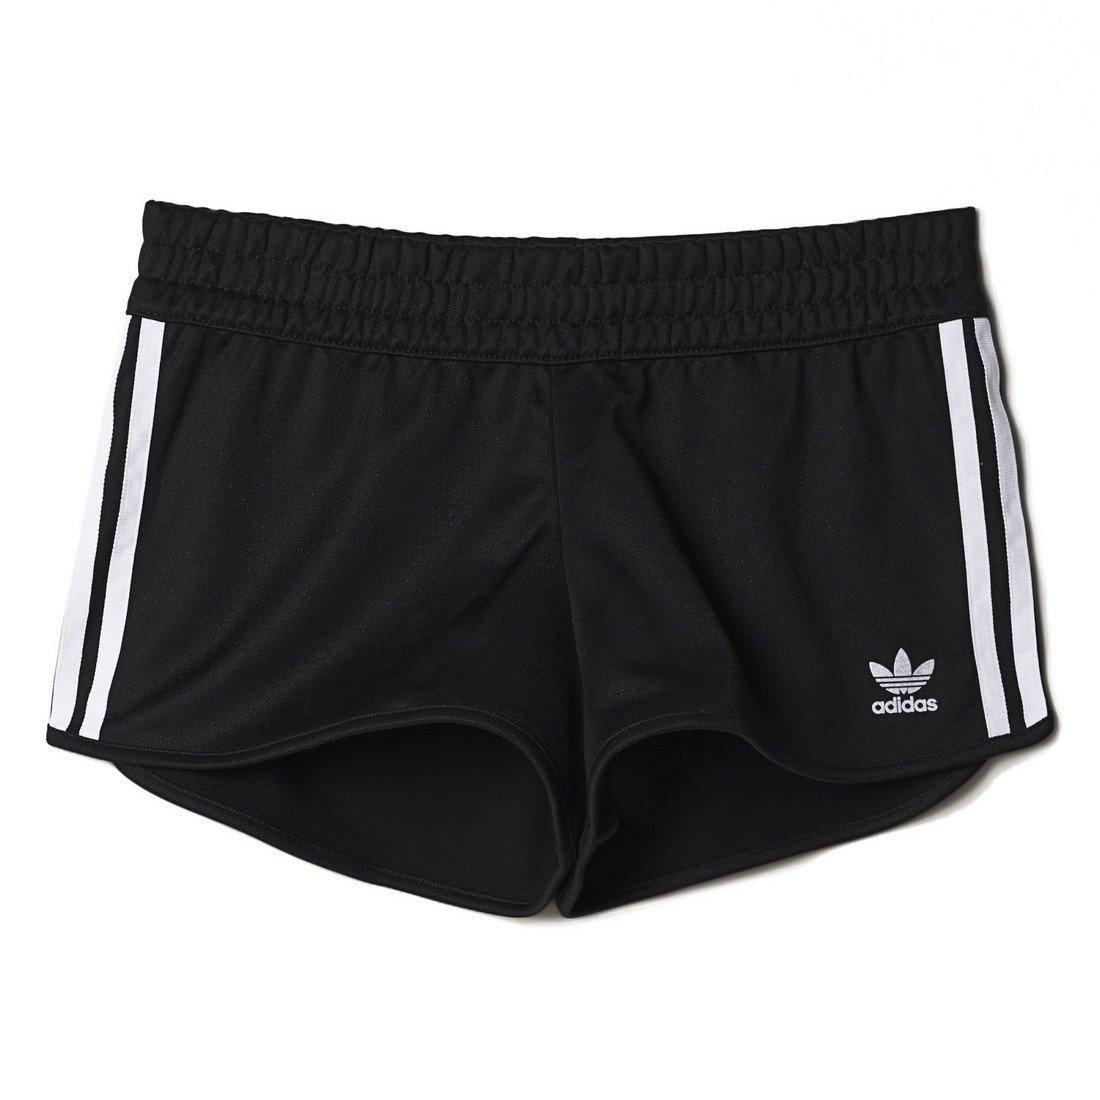 adidas 3Stripes W Shorts 34